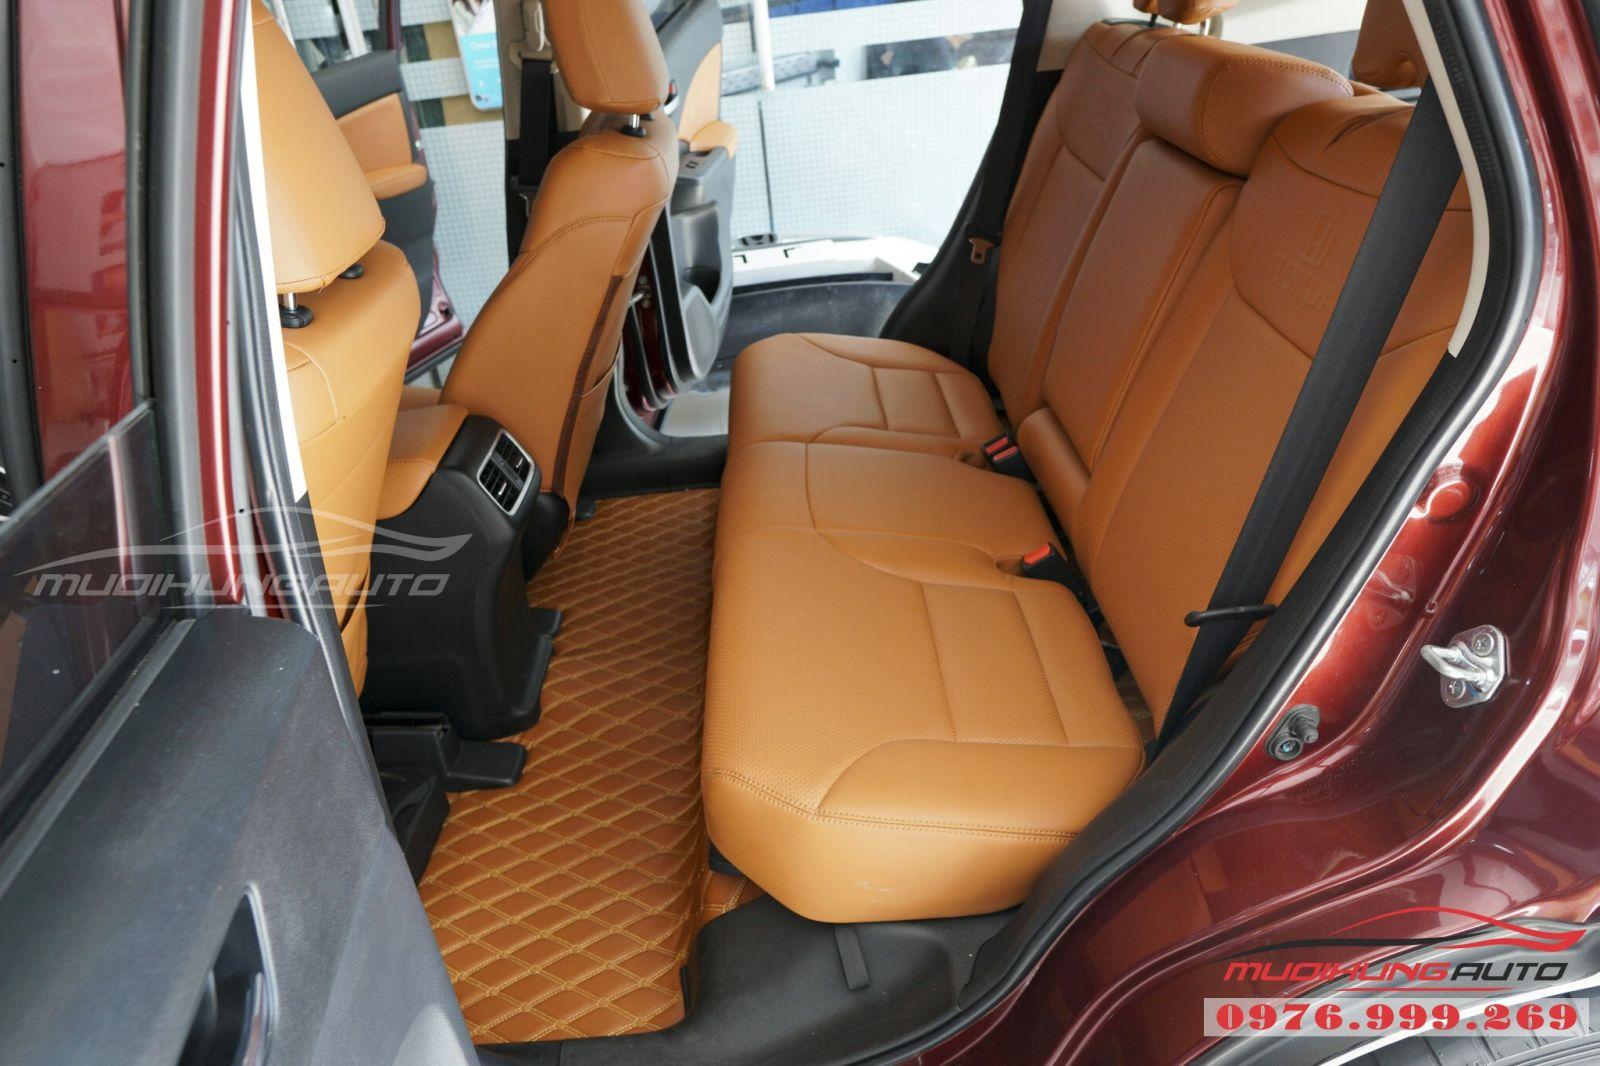 Lót sàn da 5D cao cấp cho Honda CRV giá tốt 03